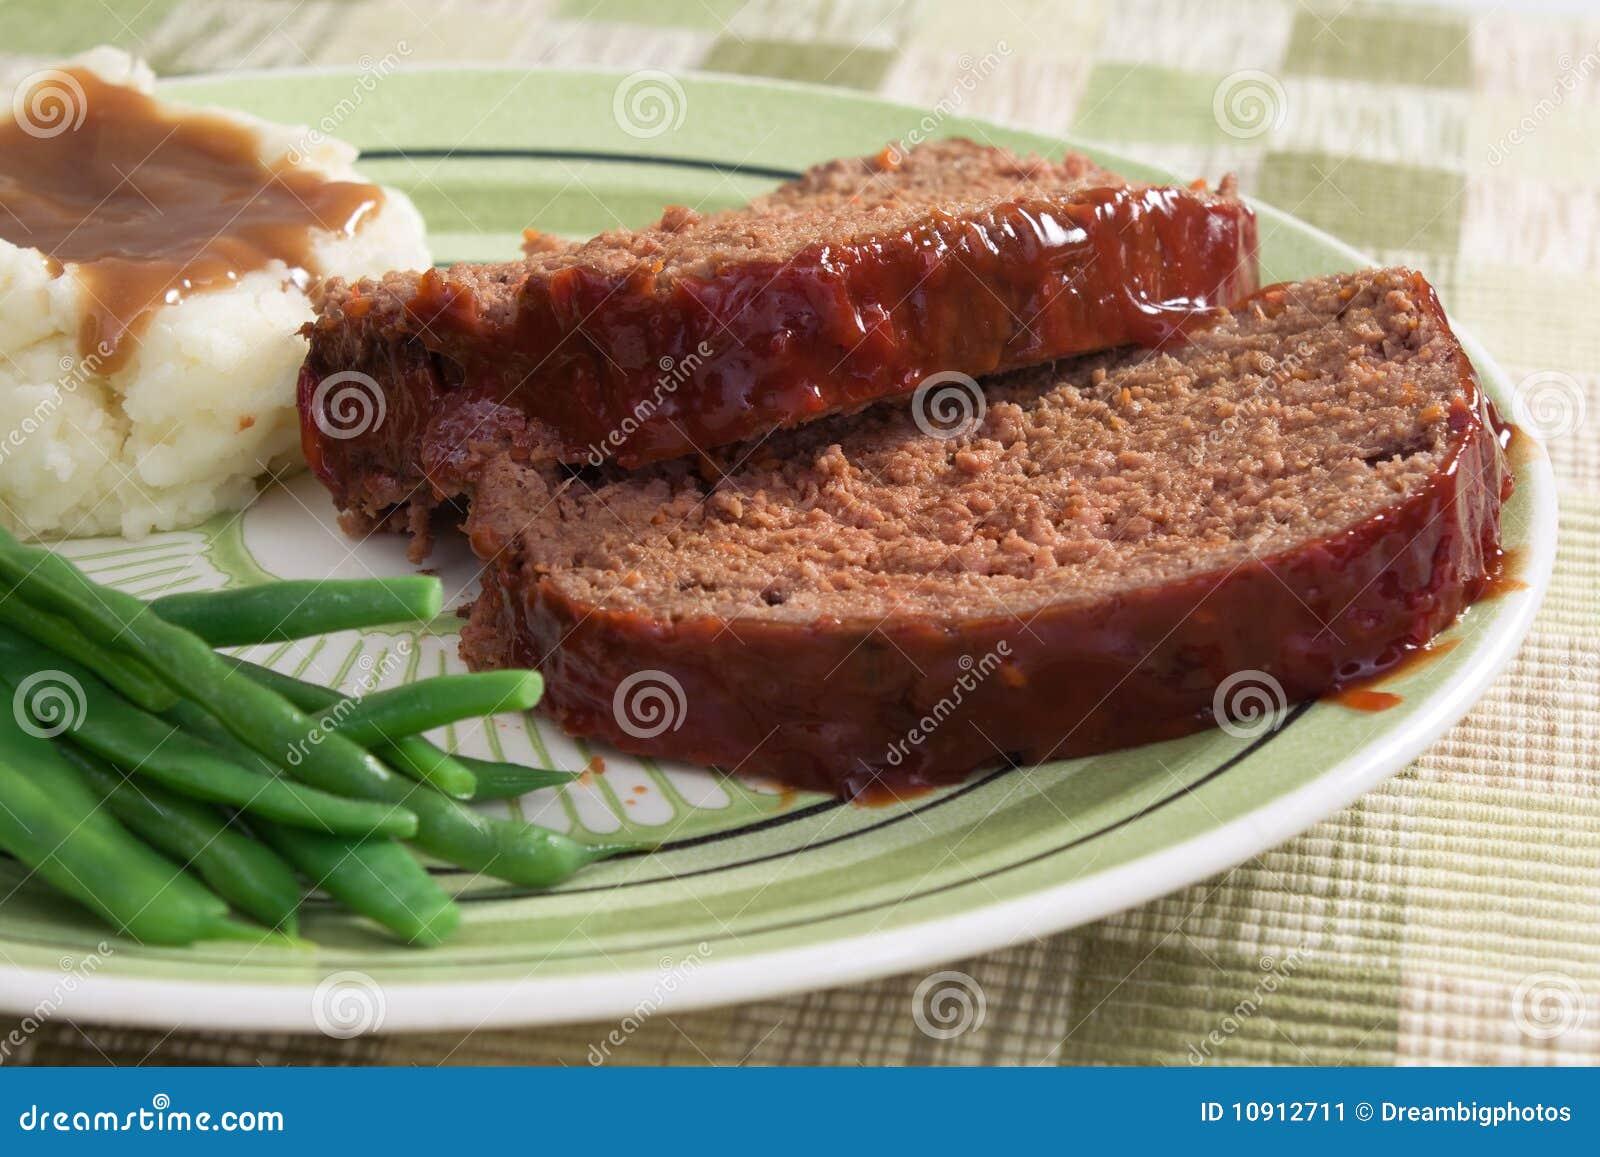 Släntra meatkvällsmålet